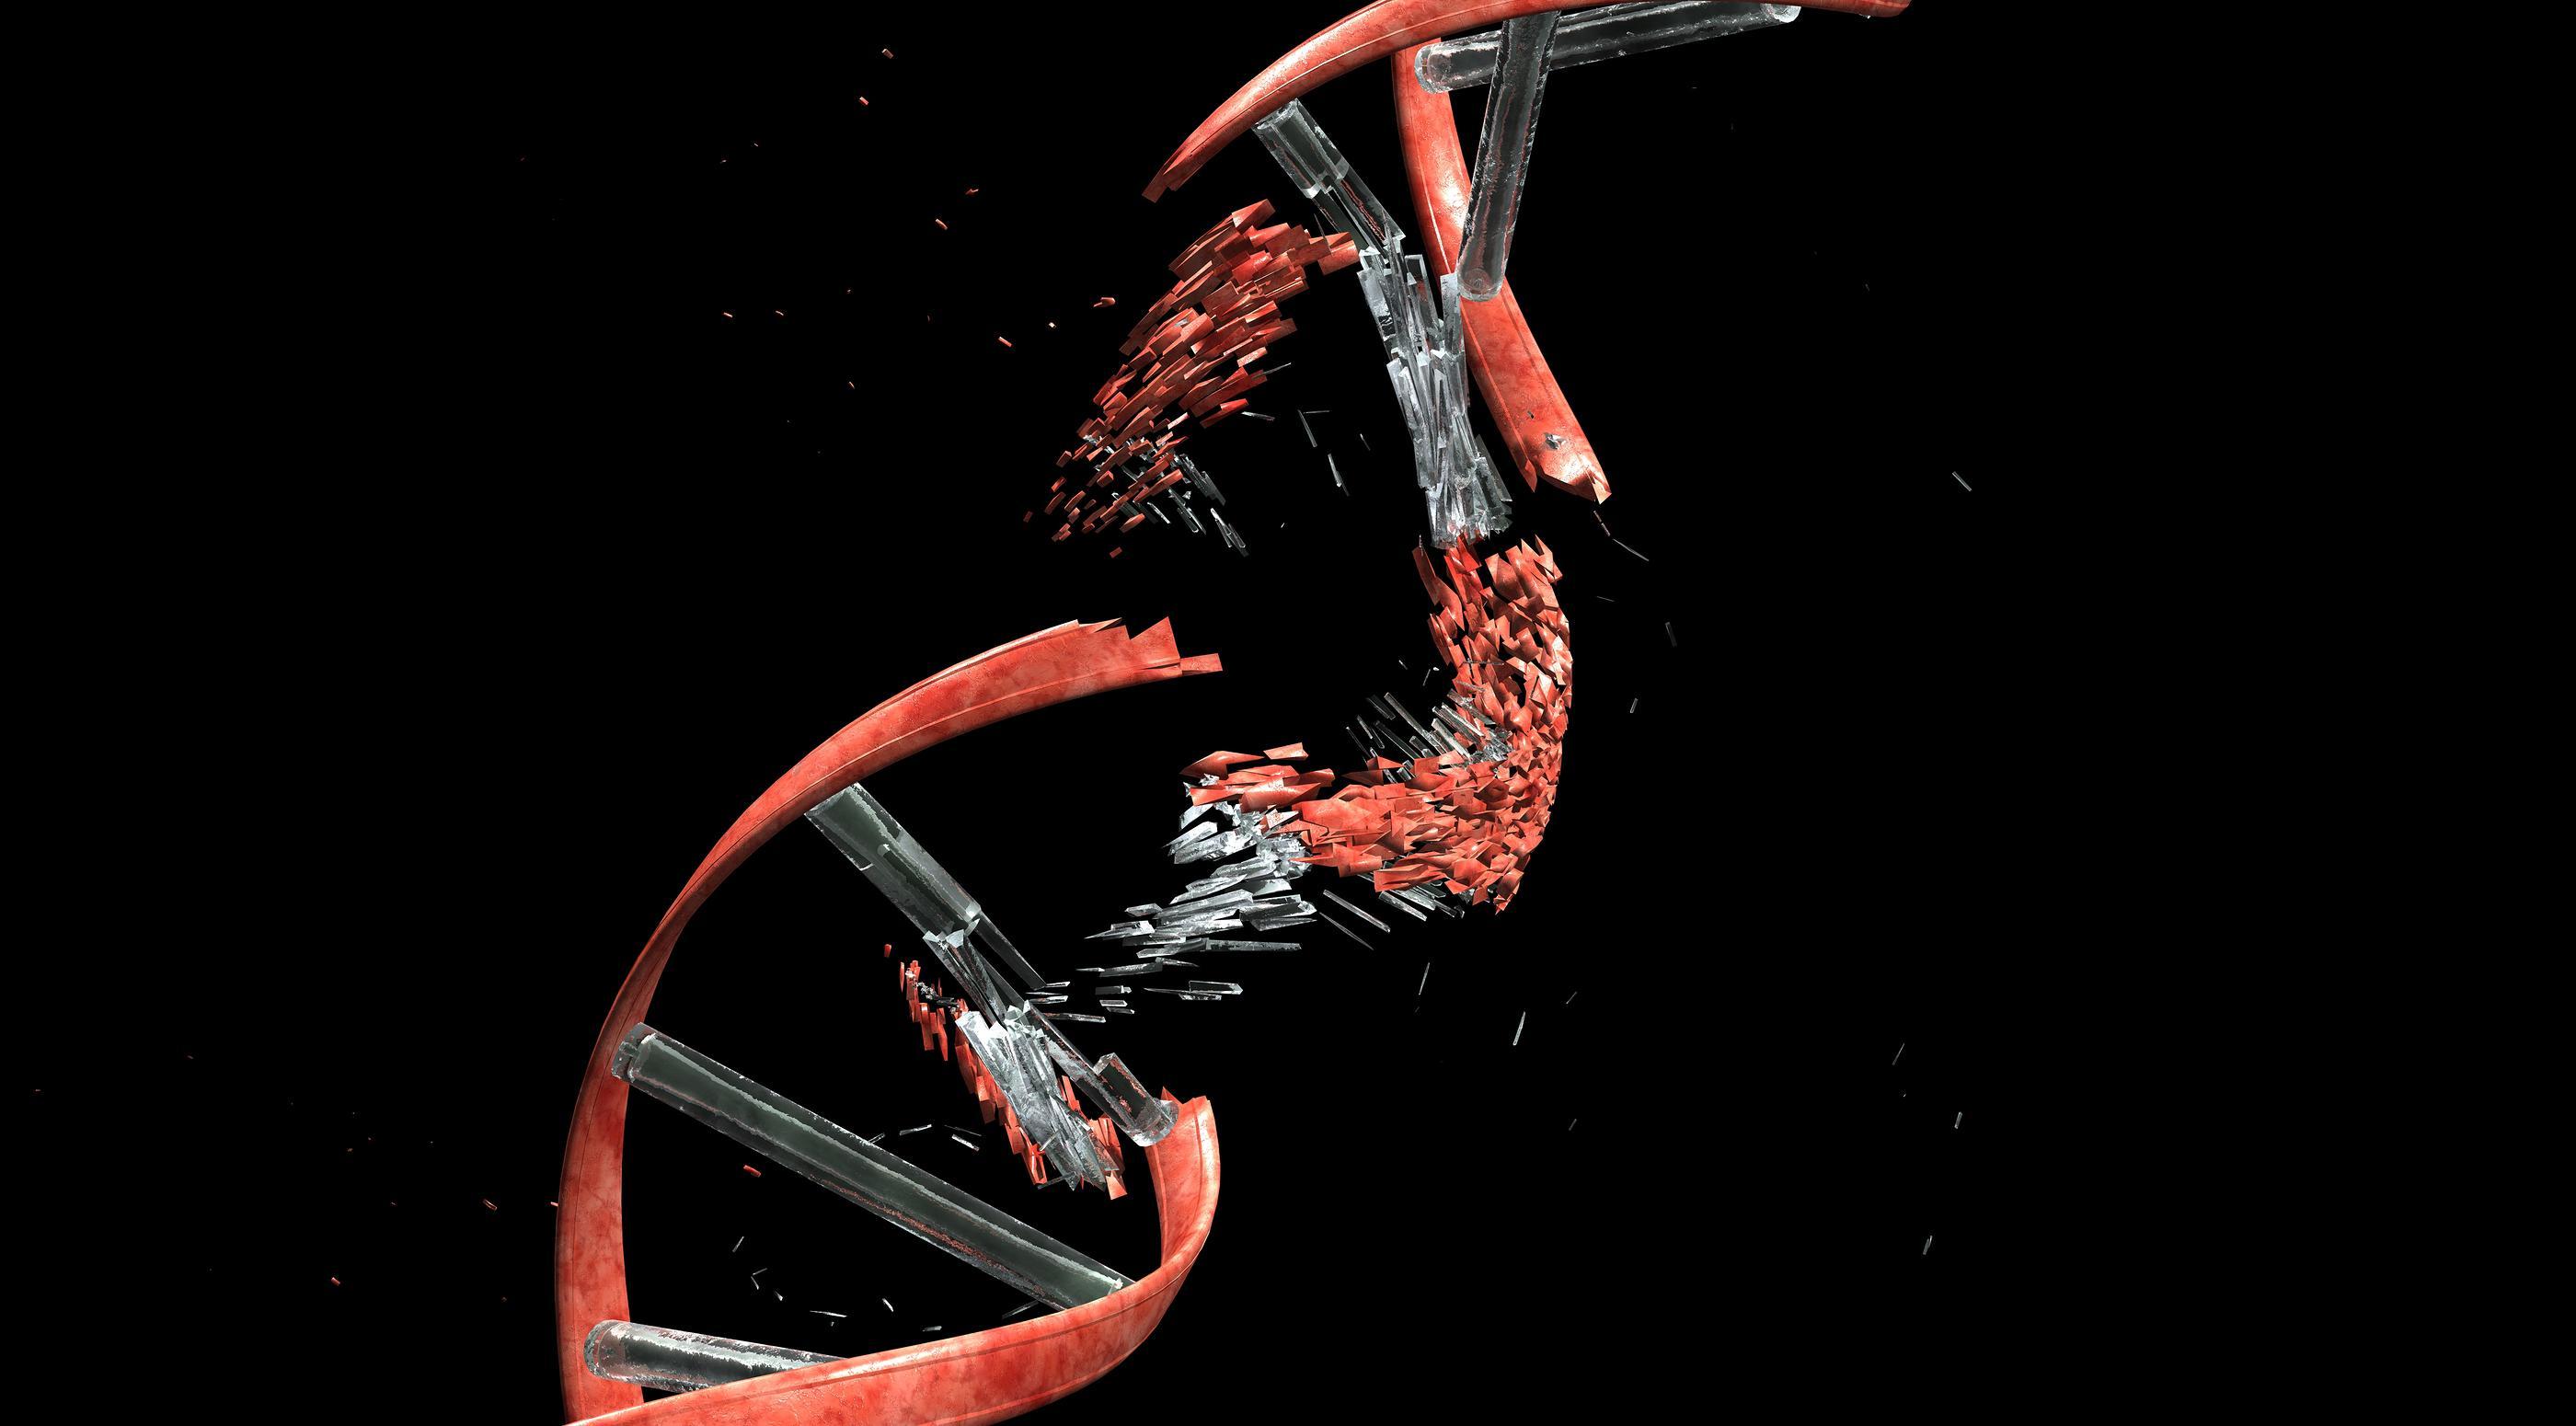 Нейроны рвут свою ДНК ради памяти